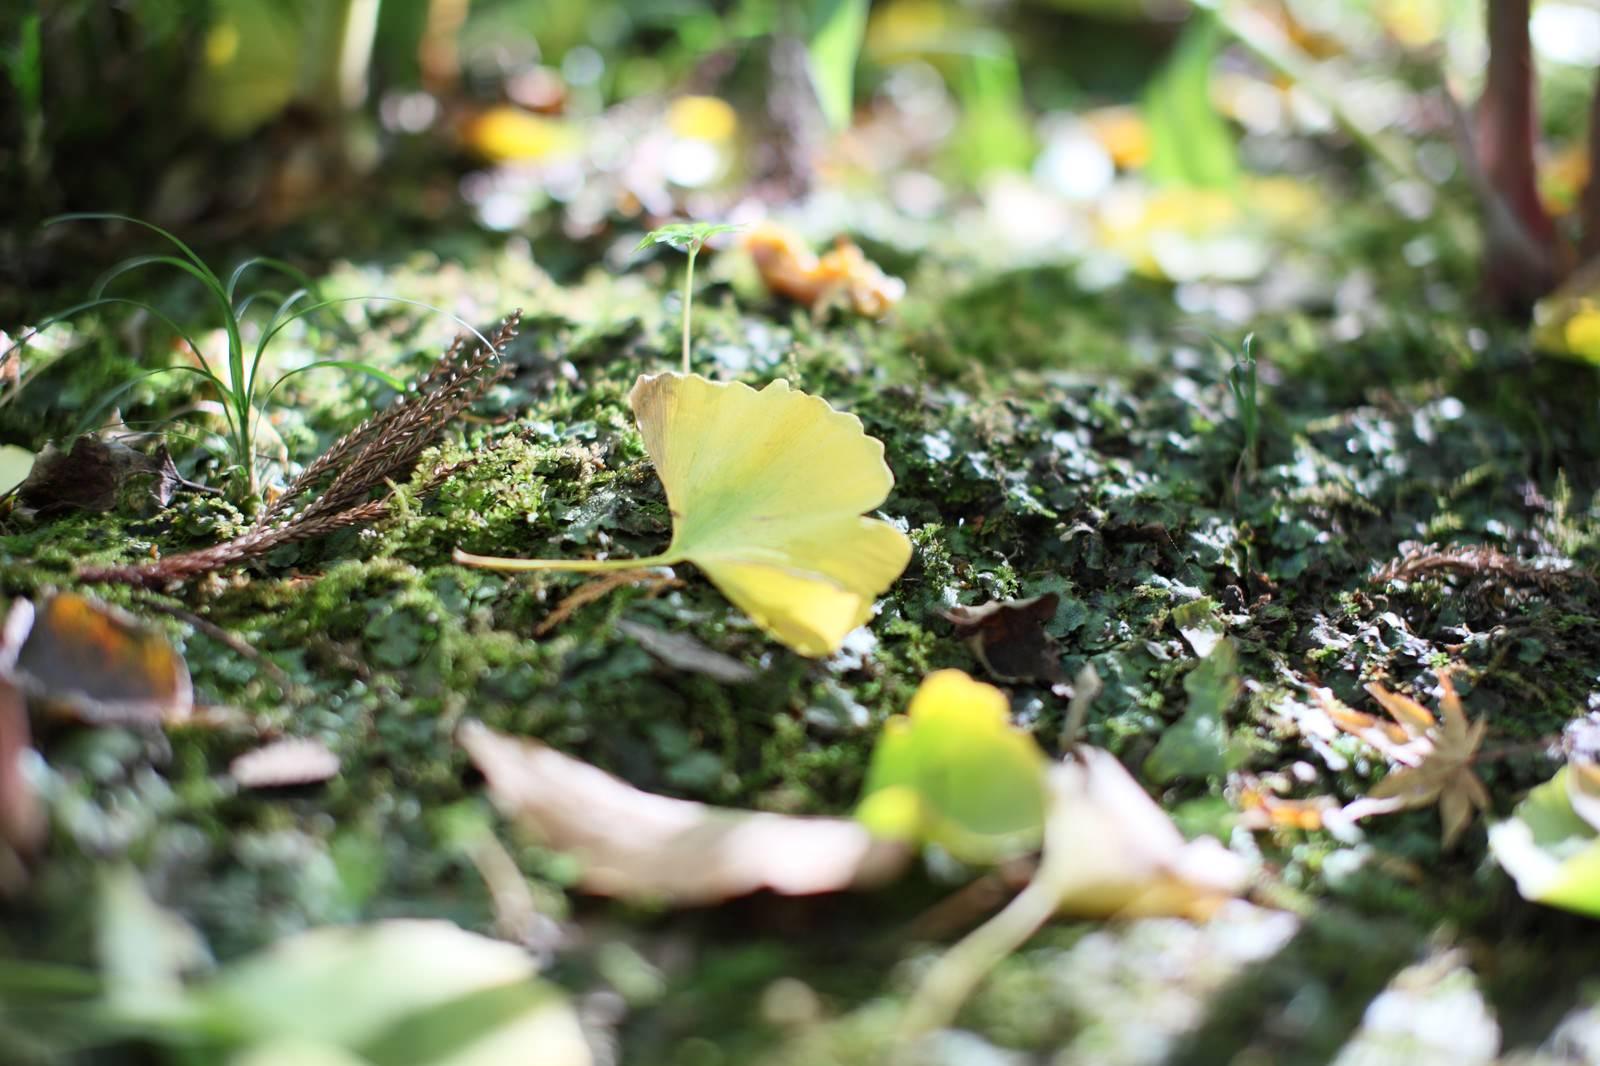 「イチョウの落ち葉で秋を知る」の写真